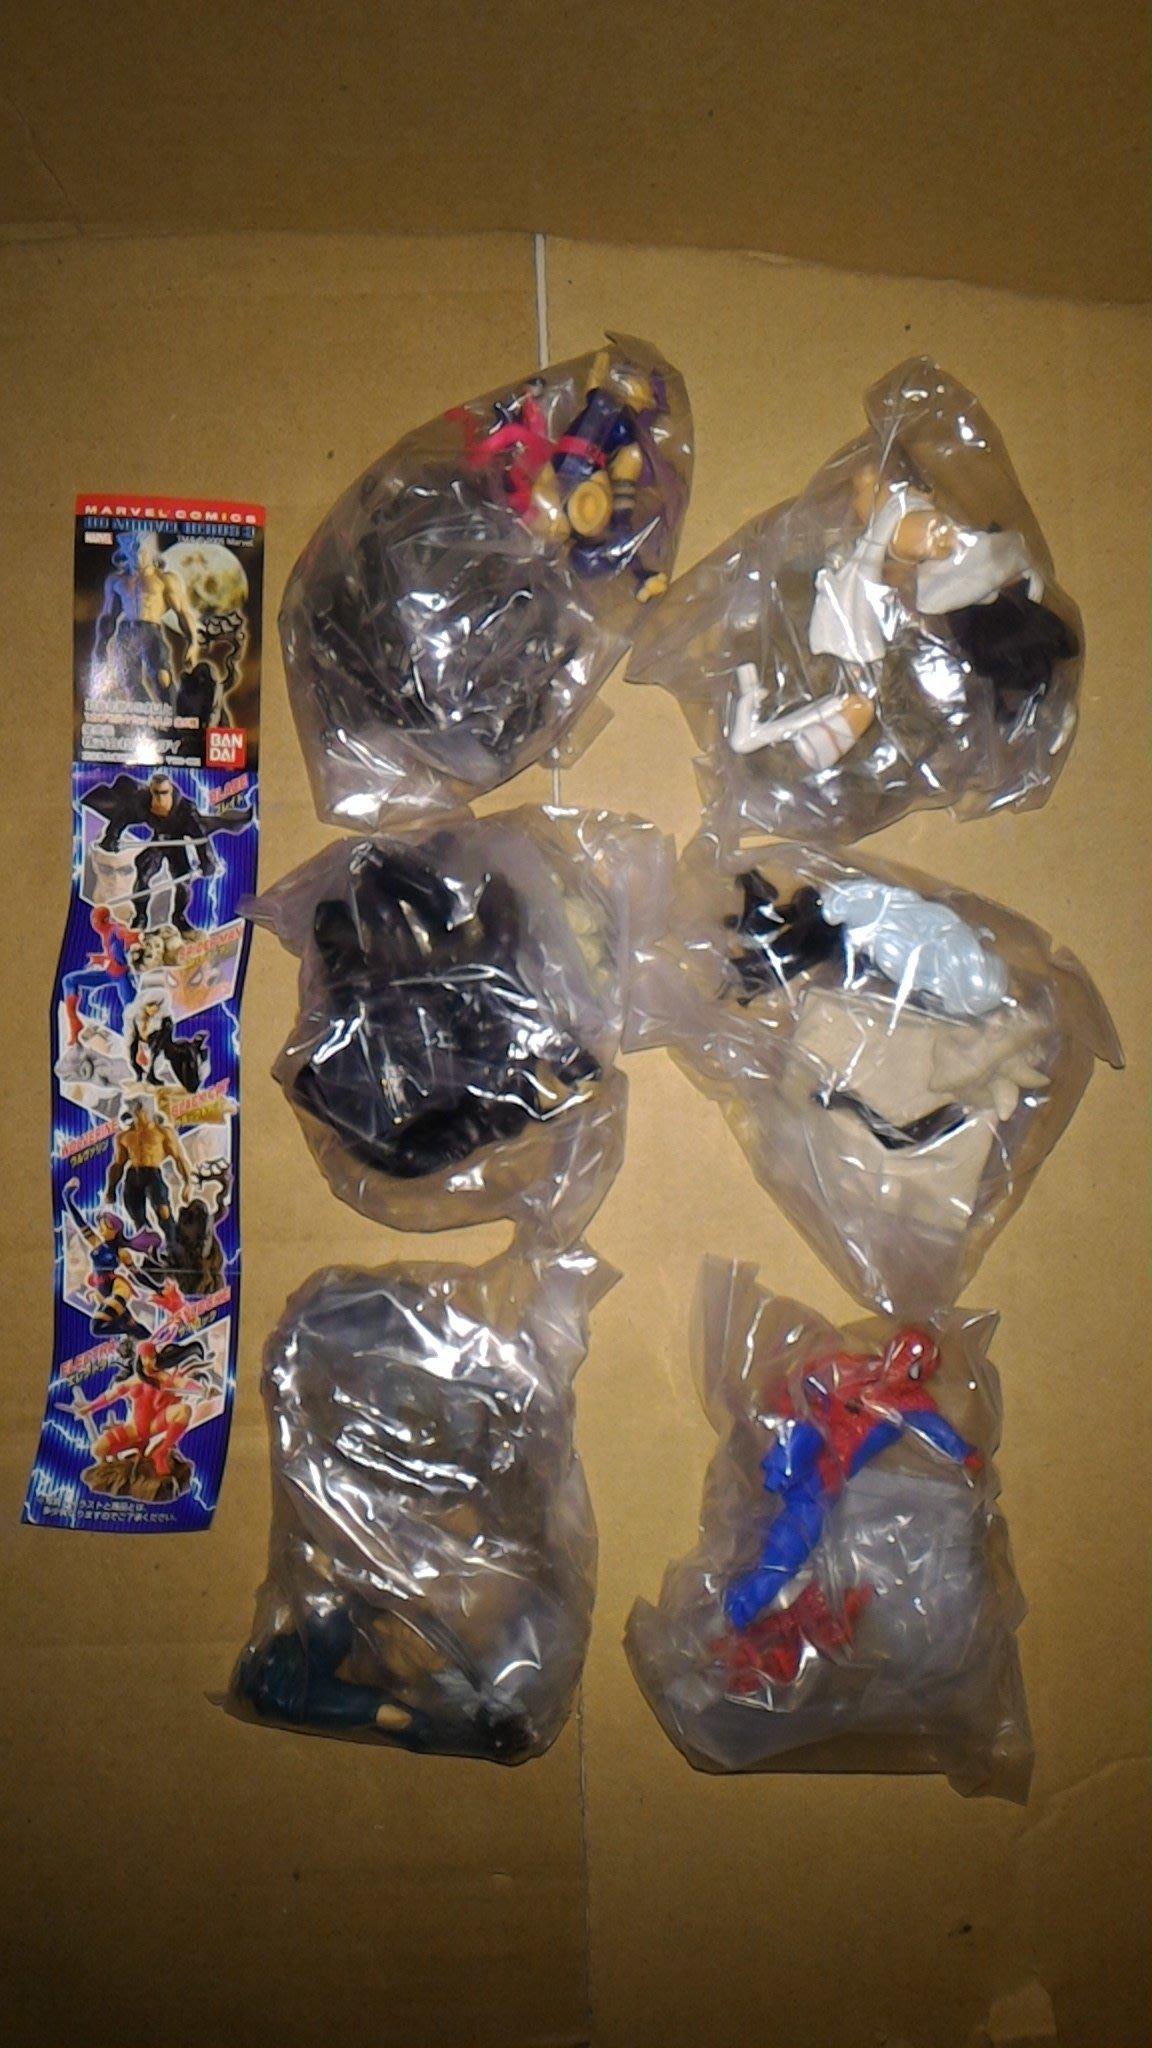 絕版 BANDAI HG MARVEL HEROS 美國英雄3 蜘蛛人 金鋼狼 風暴女 刀鋒戰士 幻影殺手-白衣 全6款